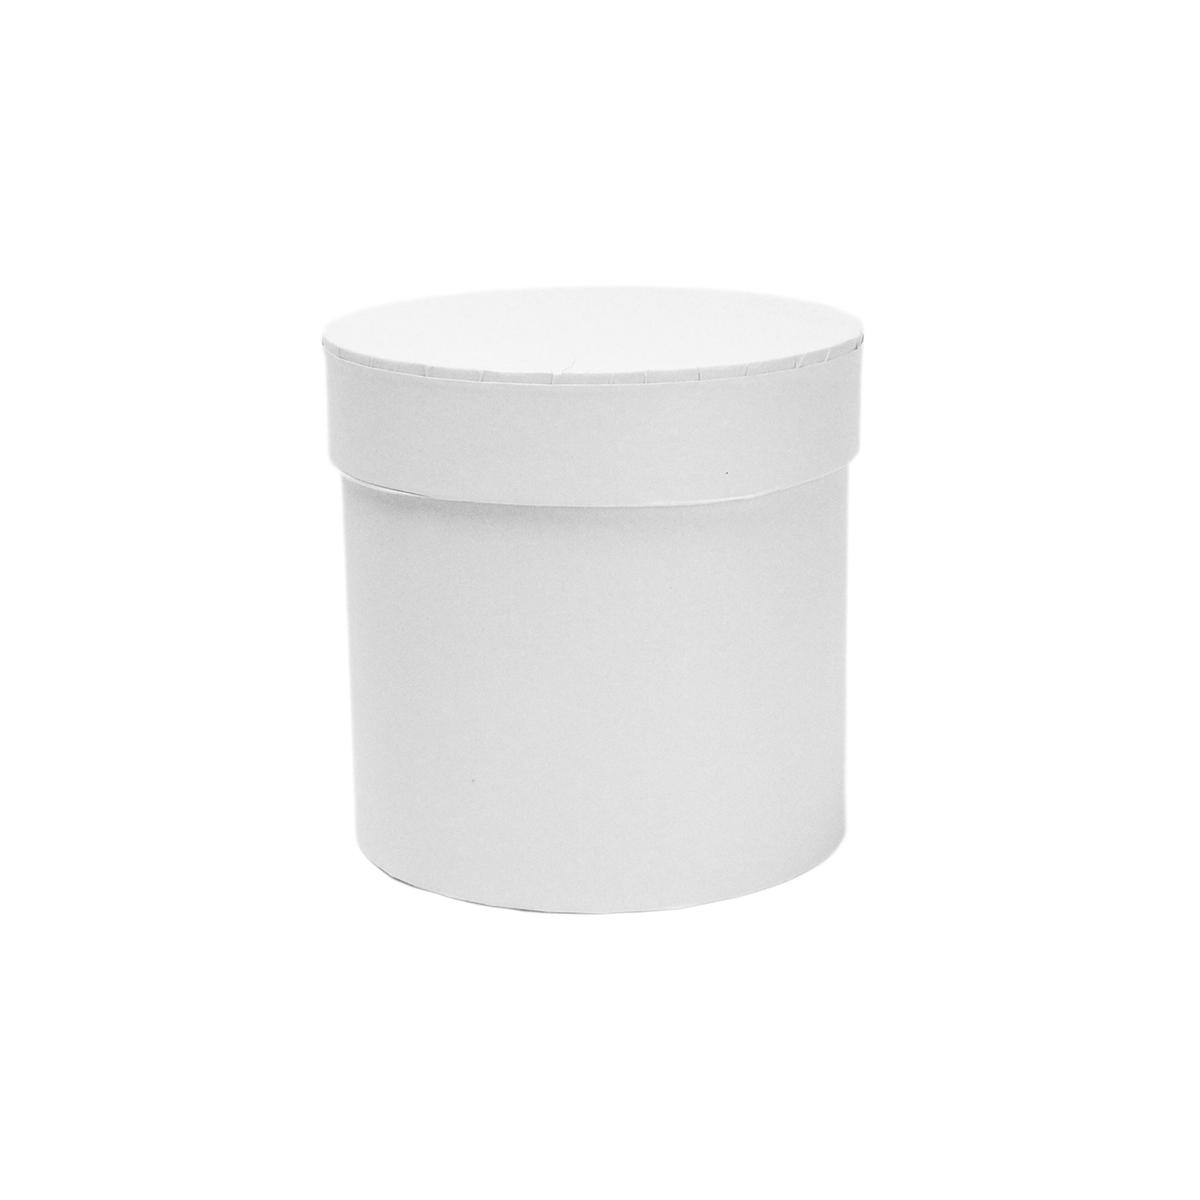 Ambalaje Flori ONLINE vinde Cutie cilindrica fara manere alba 11.5x12 cm la pretul de 8.9 lei